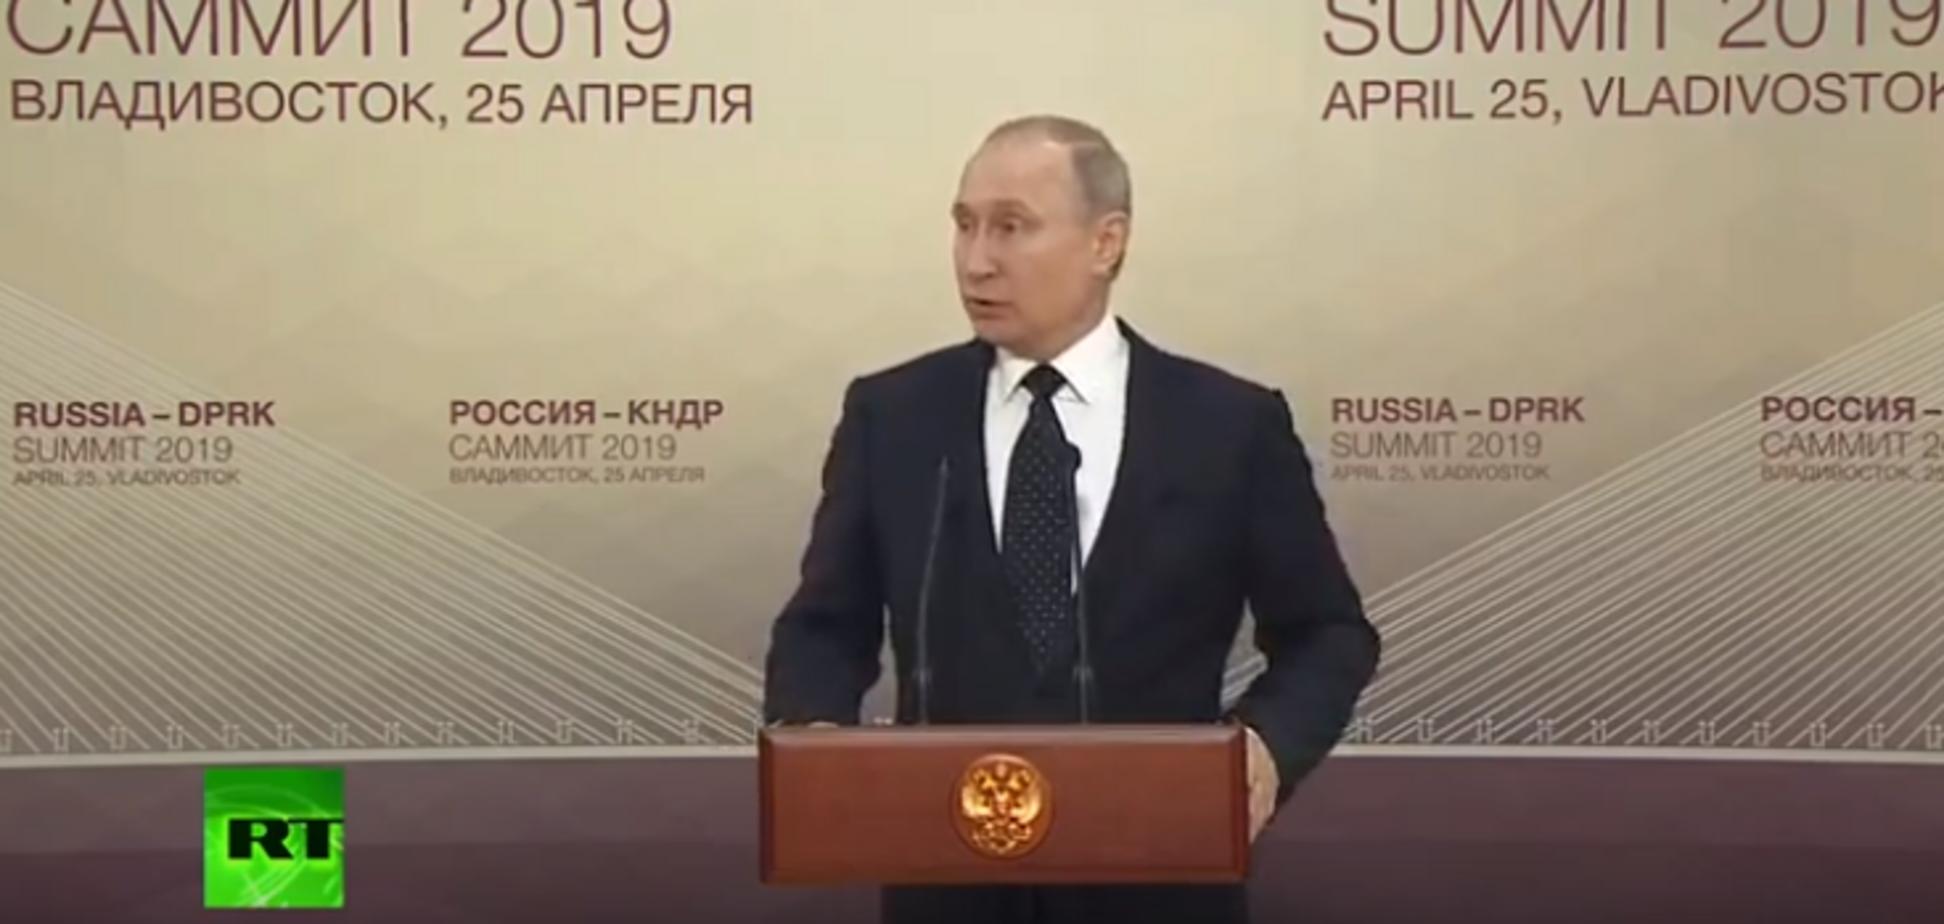 'А чим росіяни гірші?' Путін зухвало пояснив видачу паспортів РФ на Донбасі